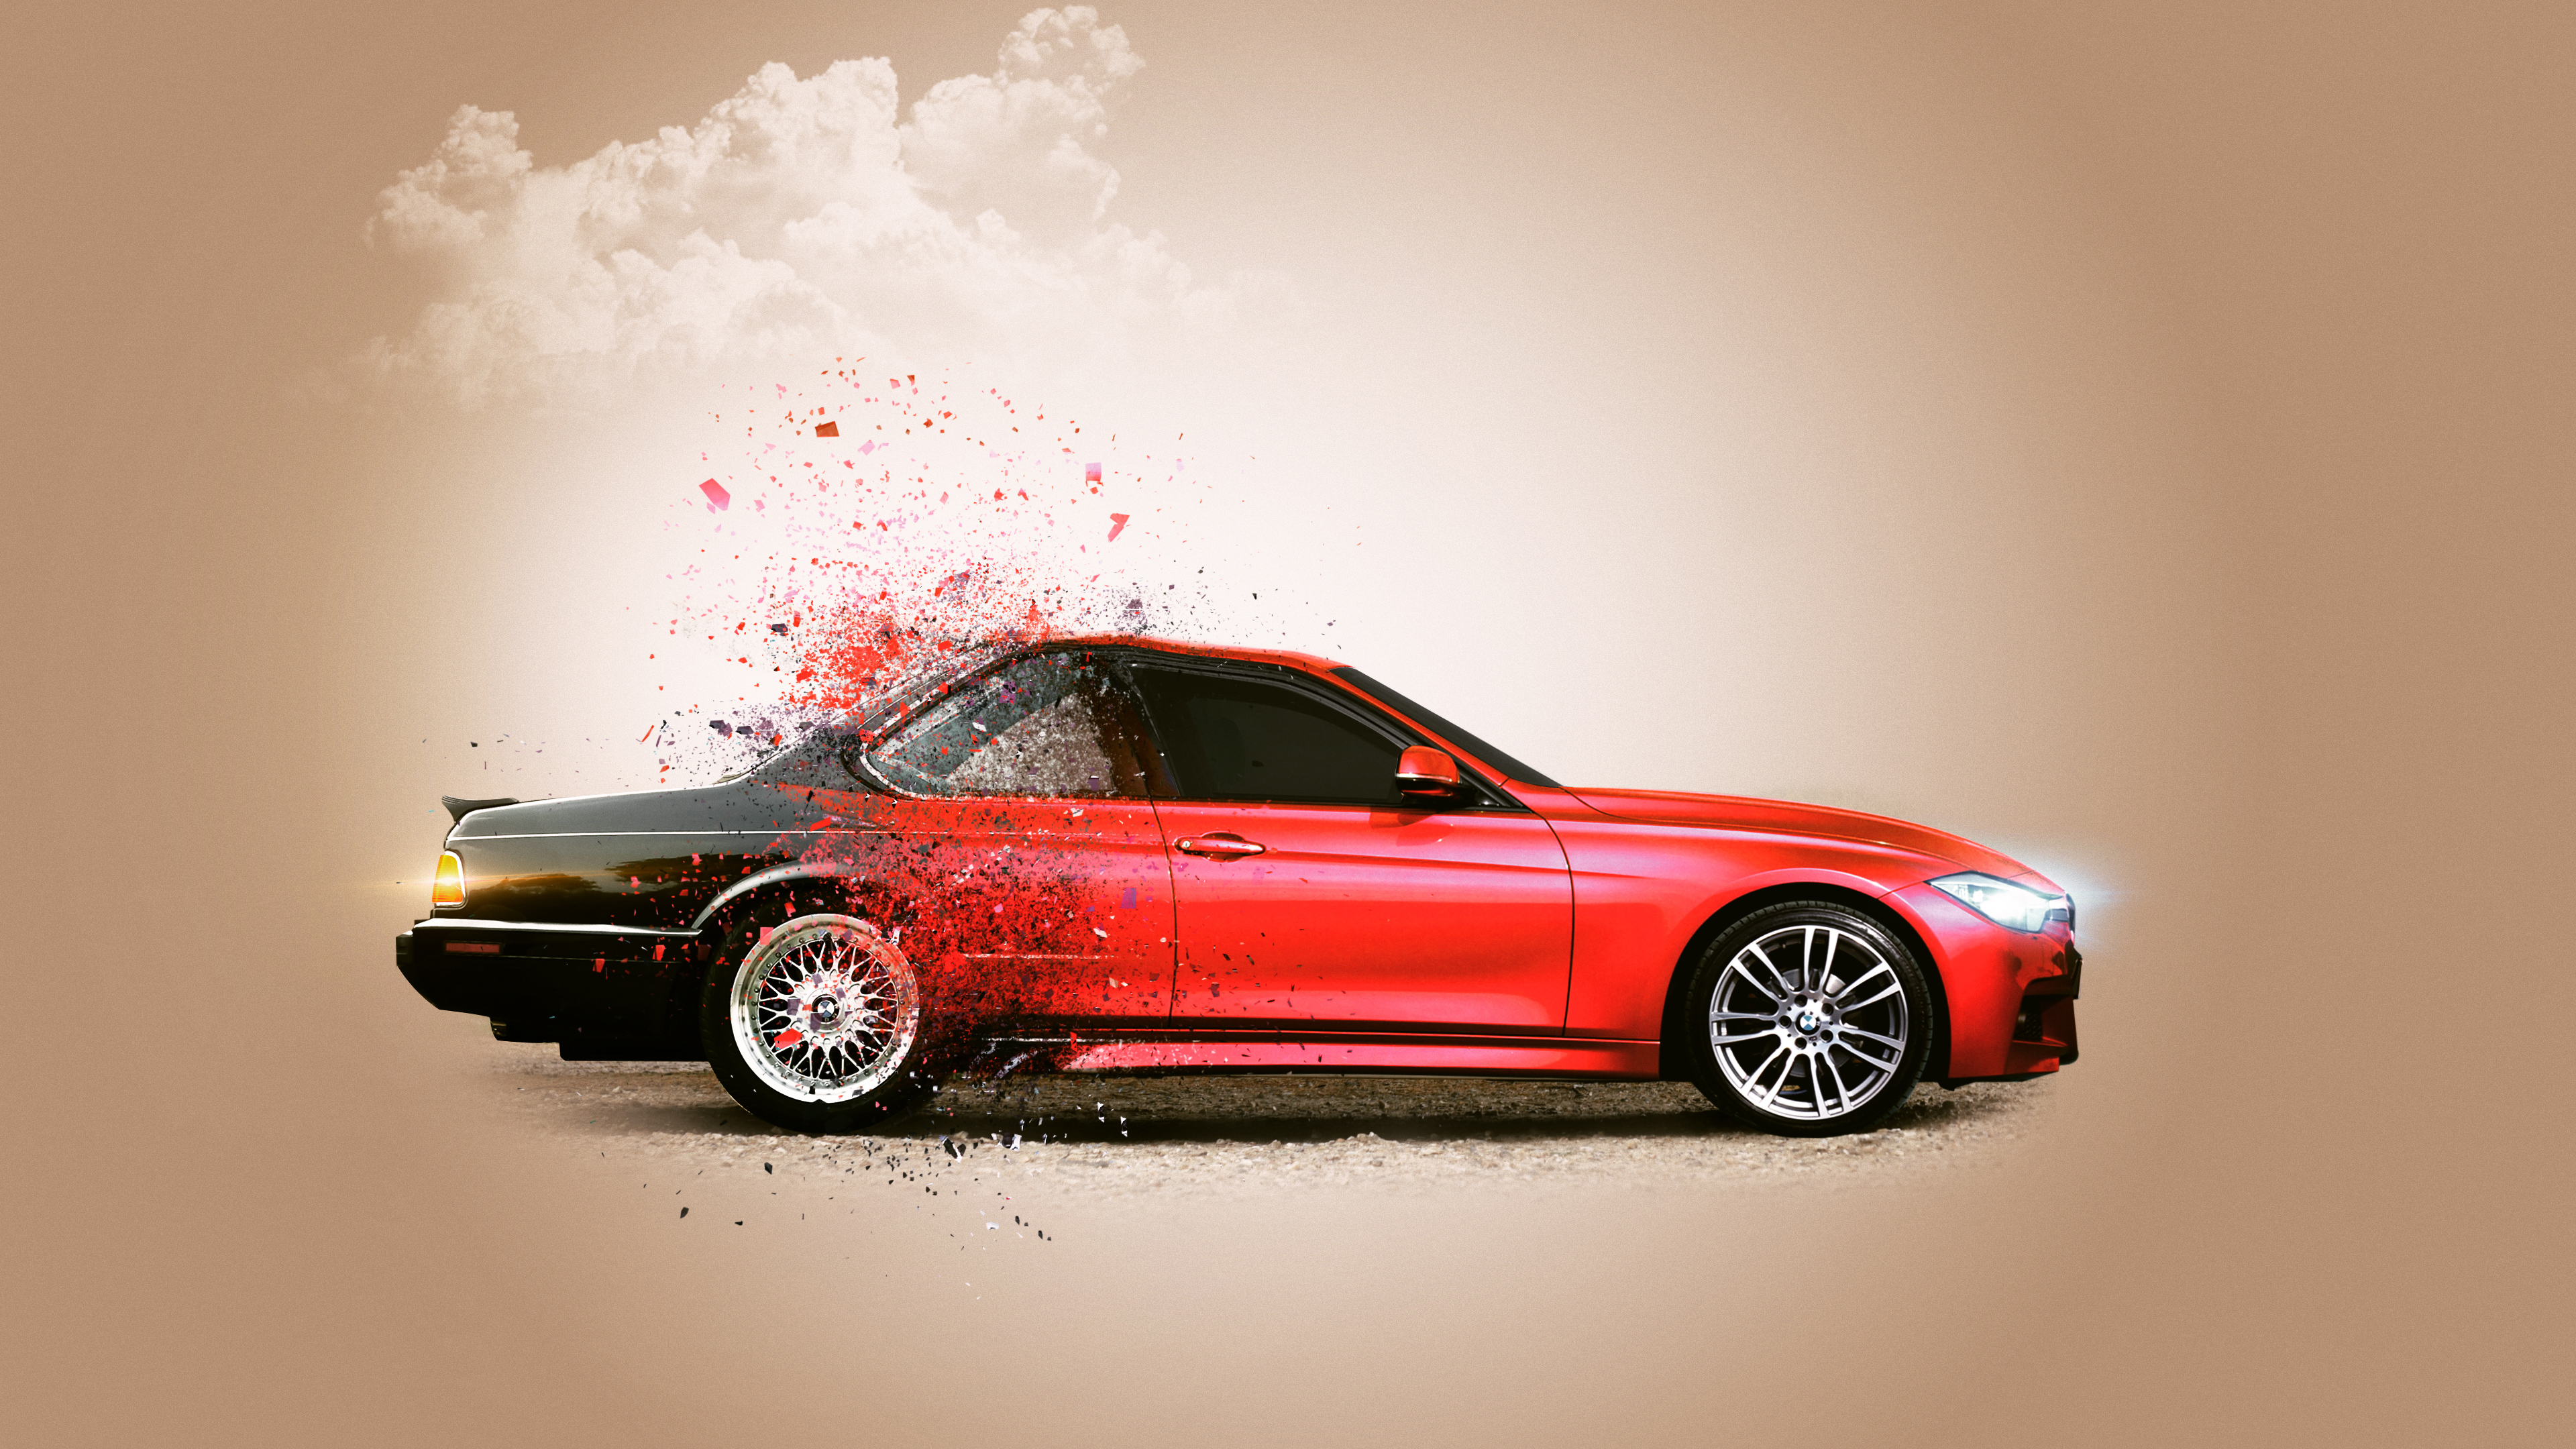 BMW cgi обои скачать